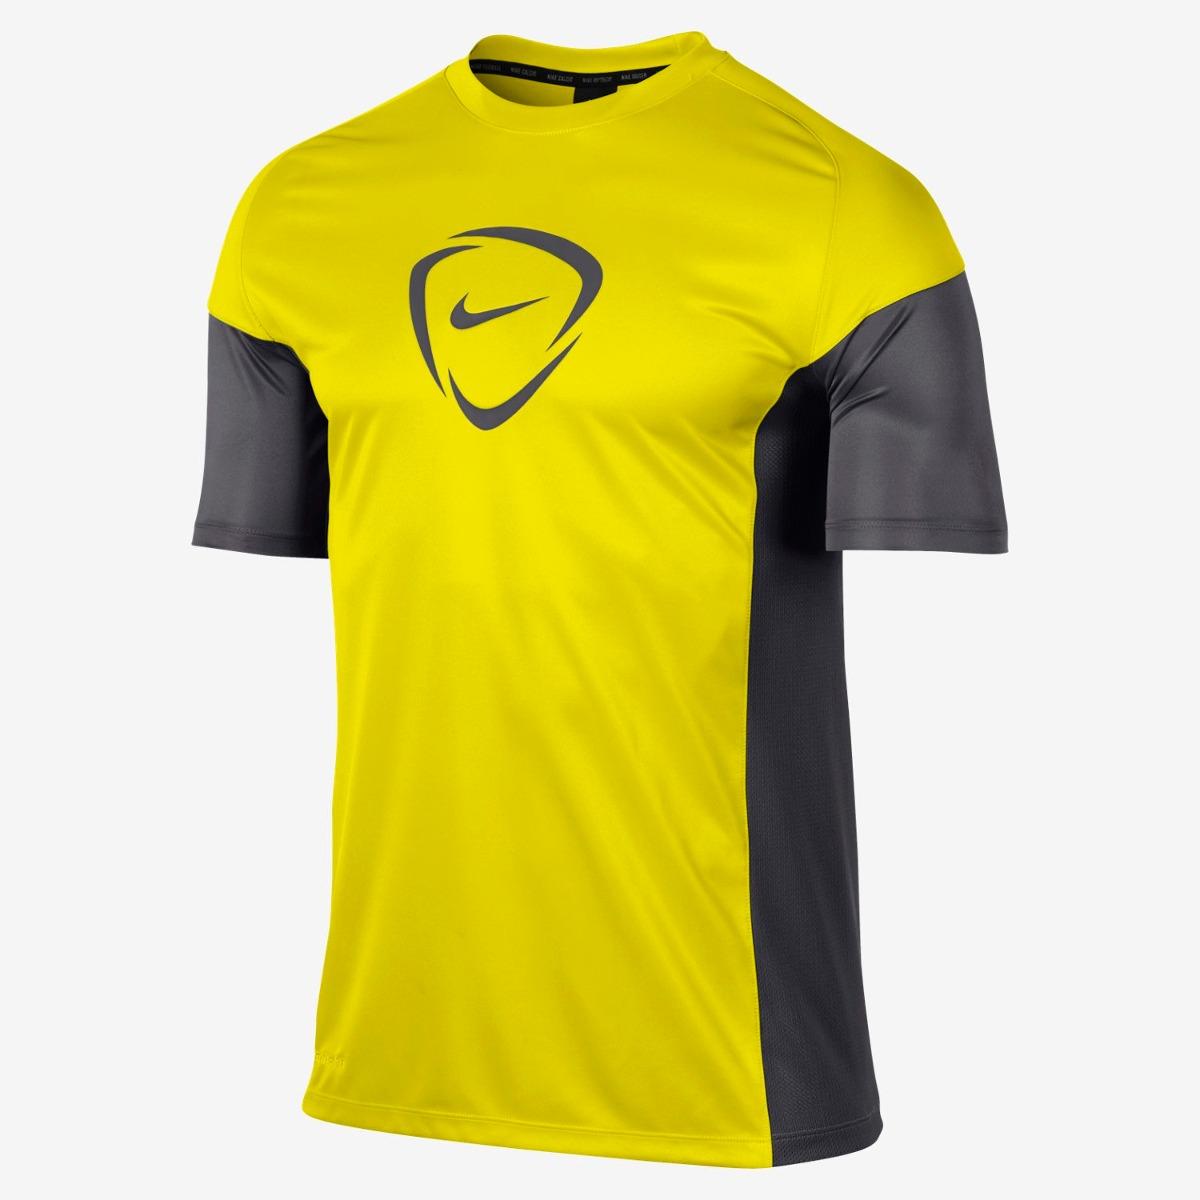 92a08c3193 camiseta nike academy ss training tamanho p original. Carregando zoom.